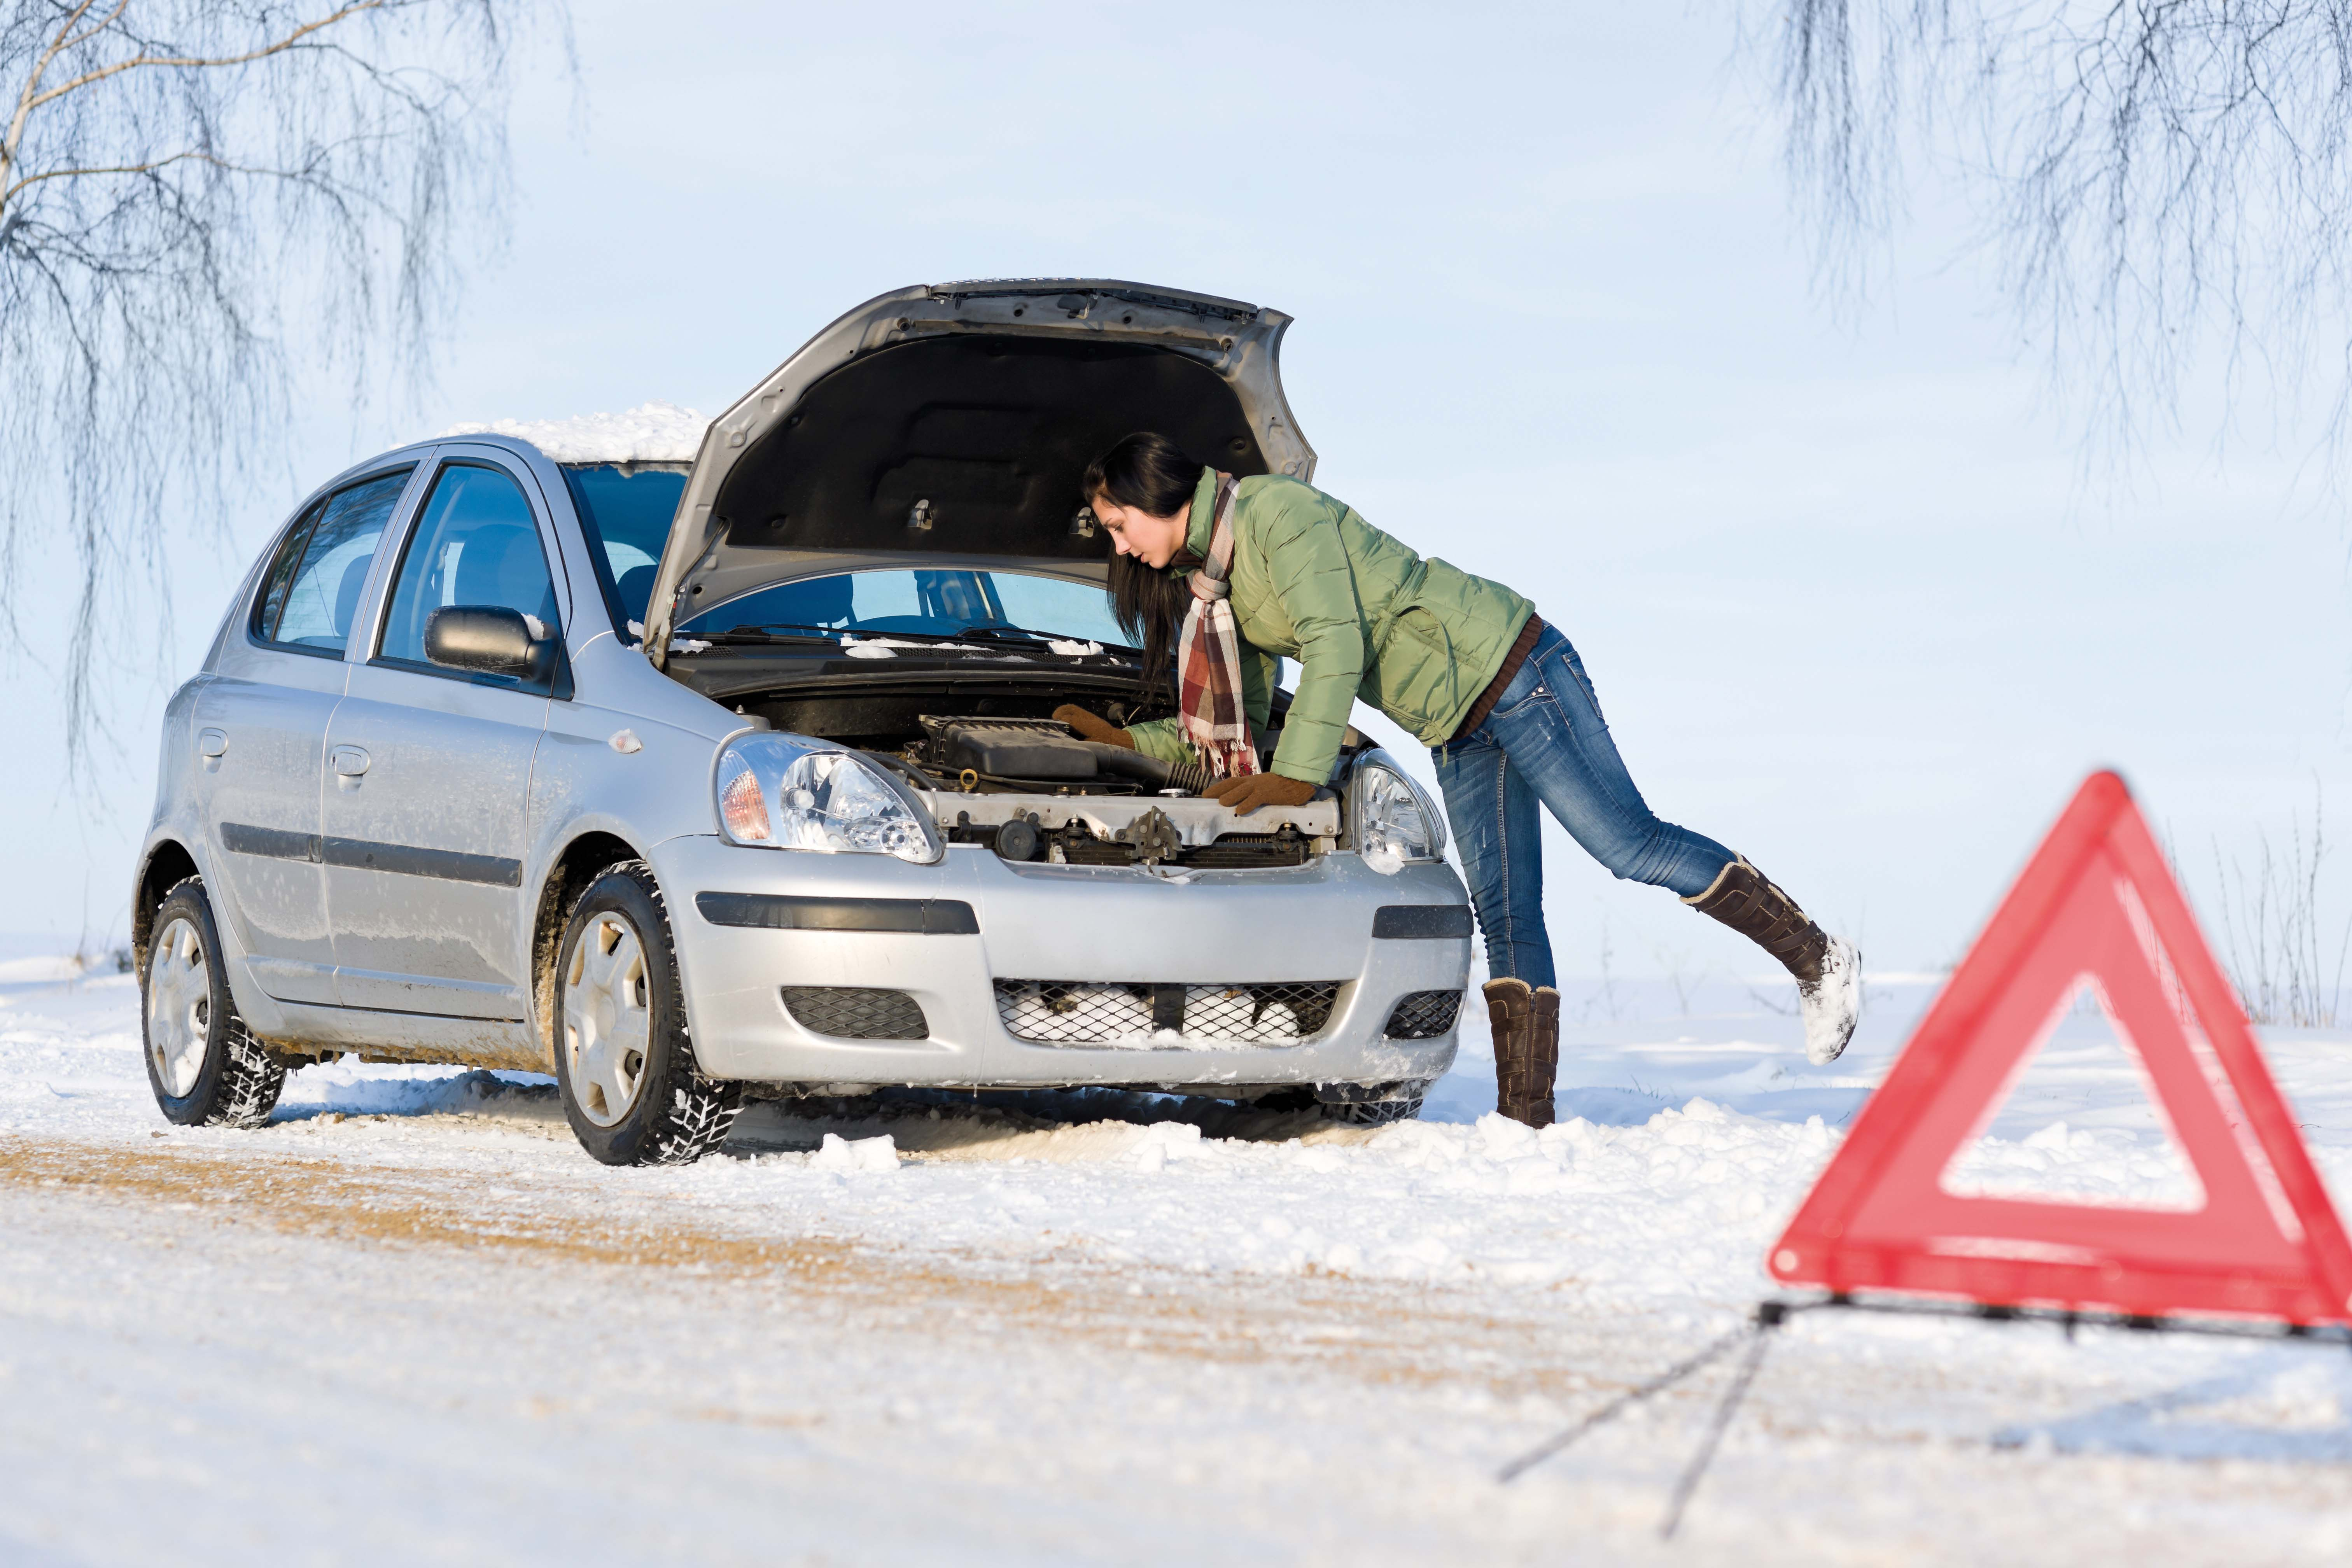 авто зимой;подготовка авто к зиме.Что входит в услуги автосервисов при подготовке авто к зиме?Сколько это стоит?Что хранить в багажнике зимой?